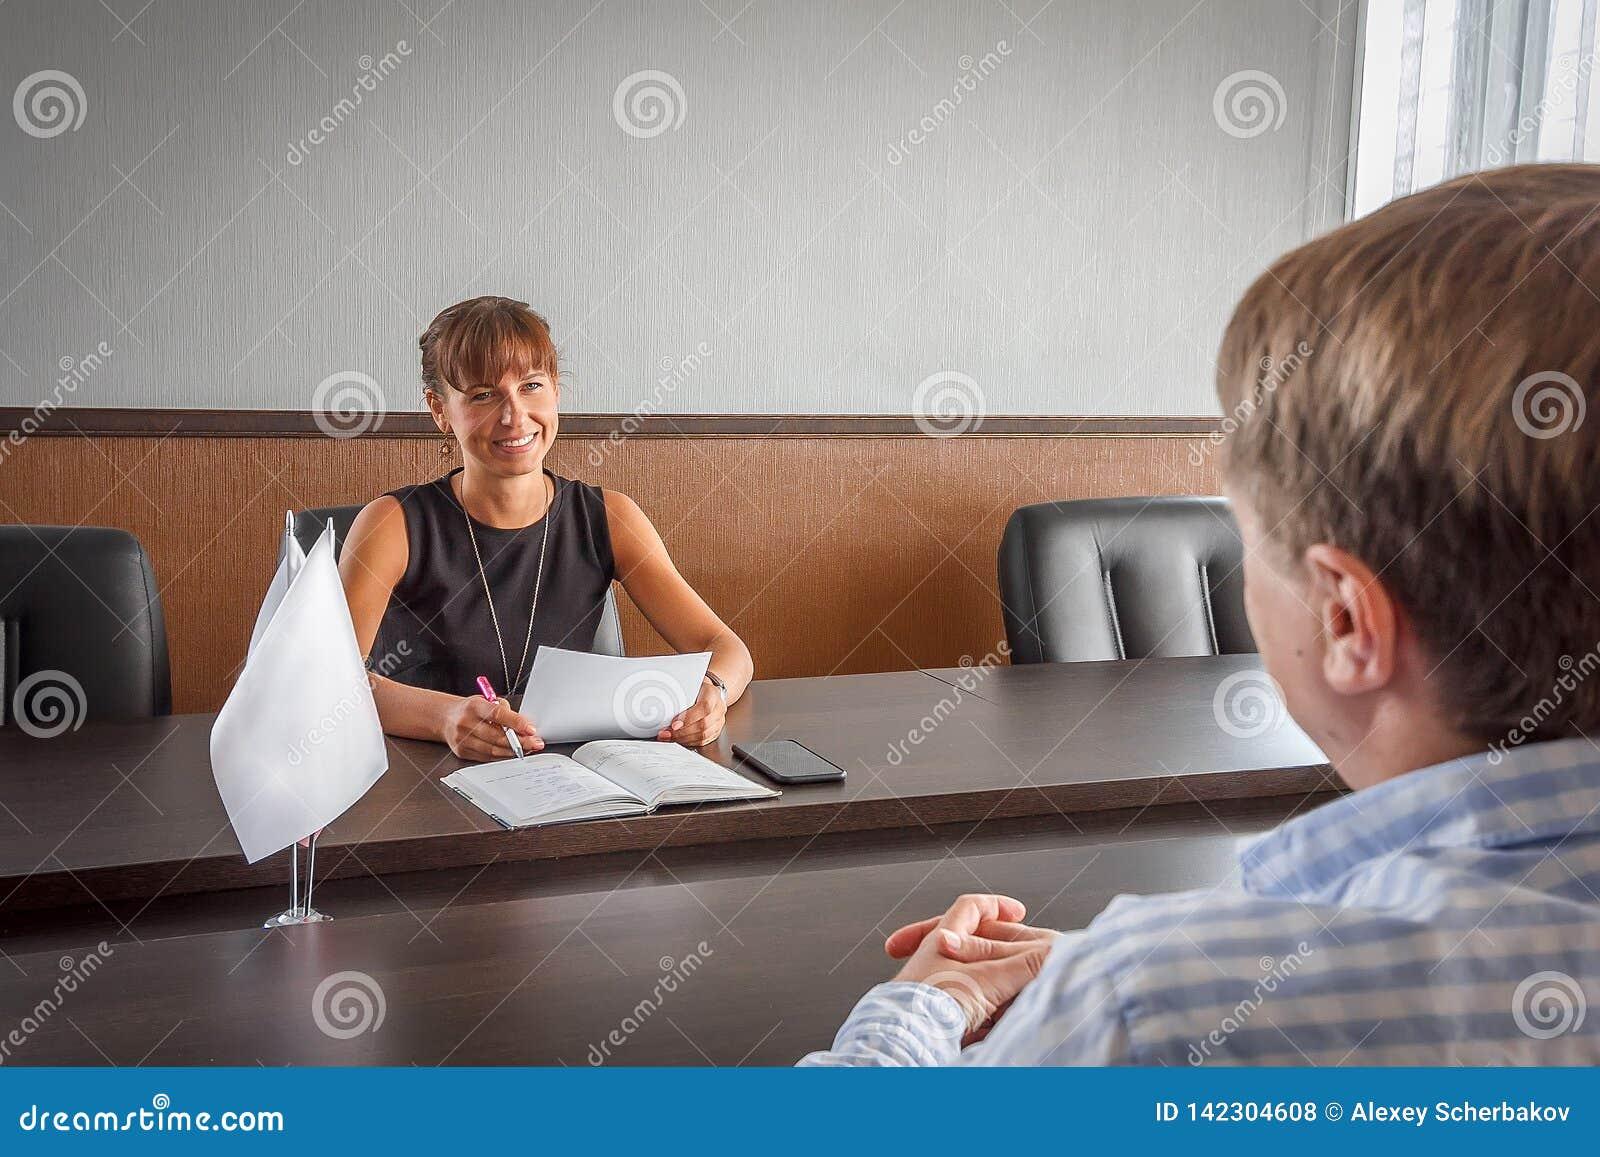 Παίρνει συνέντευξη από κατά ισχύων για μια εργασία στο γραφείο